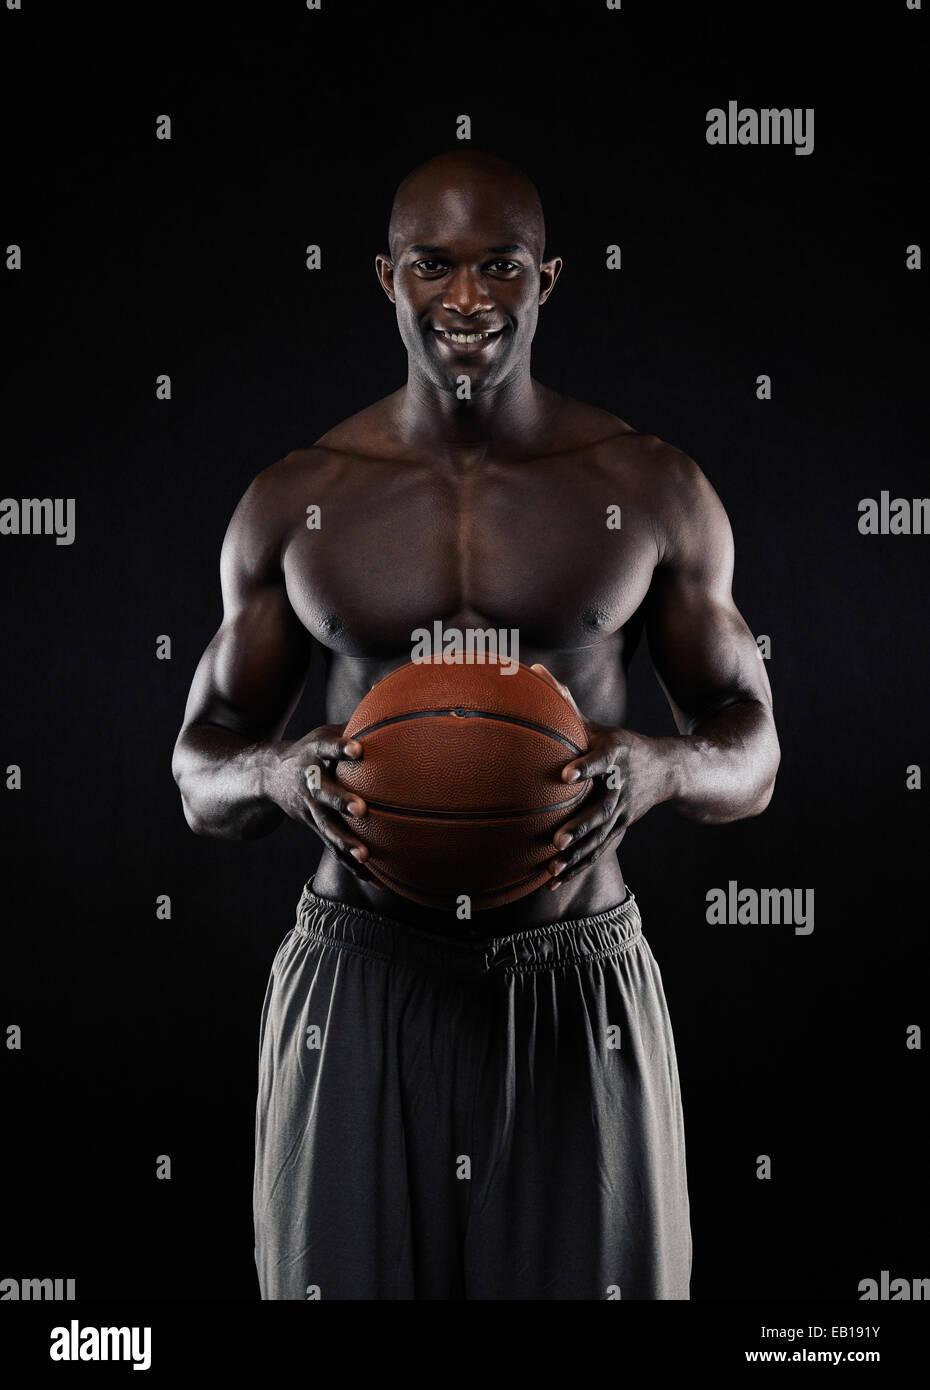 Foto de estudio de joven en pantalones cortos de baloncesto holding sonriendo ante la cámara. Colocar joven Imagen De Stock